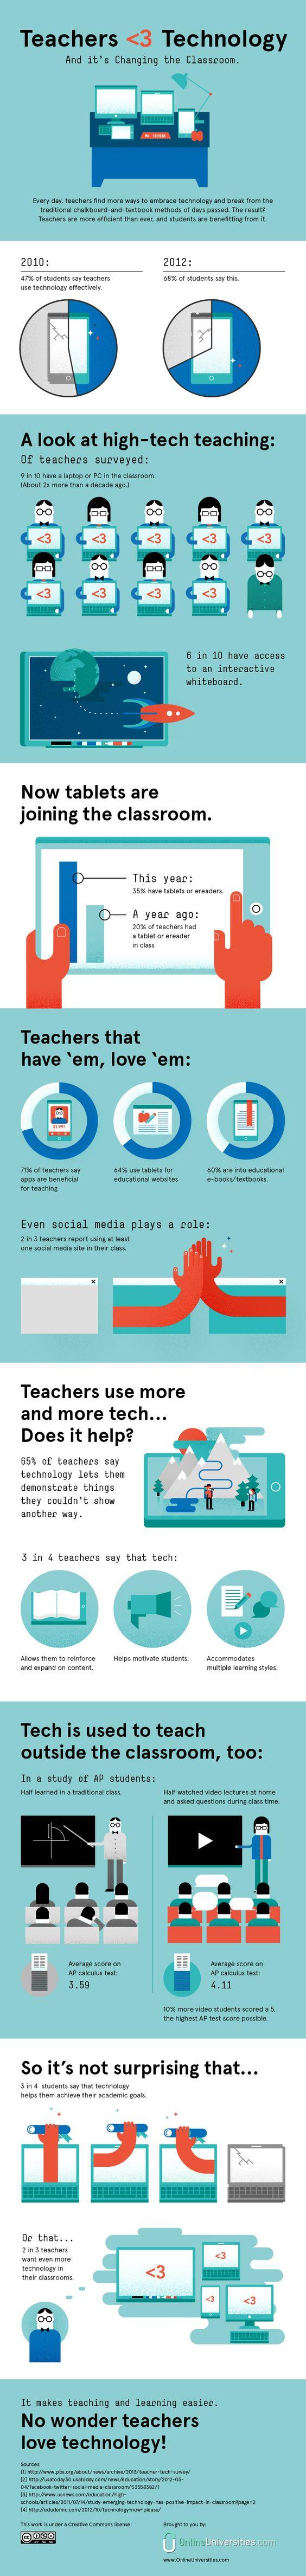 Teachers <3 Technology